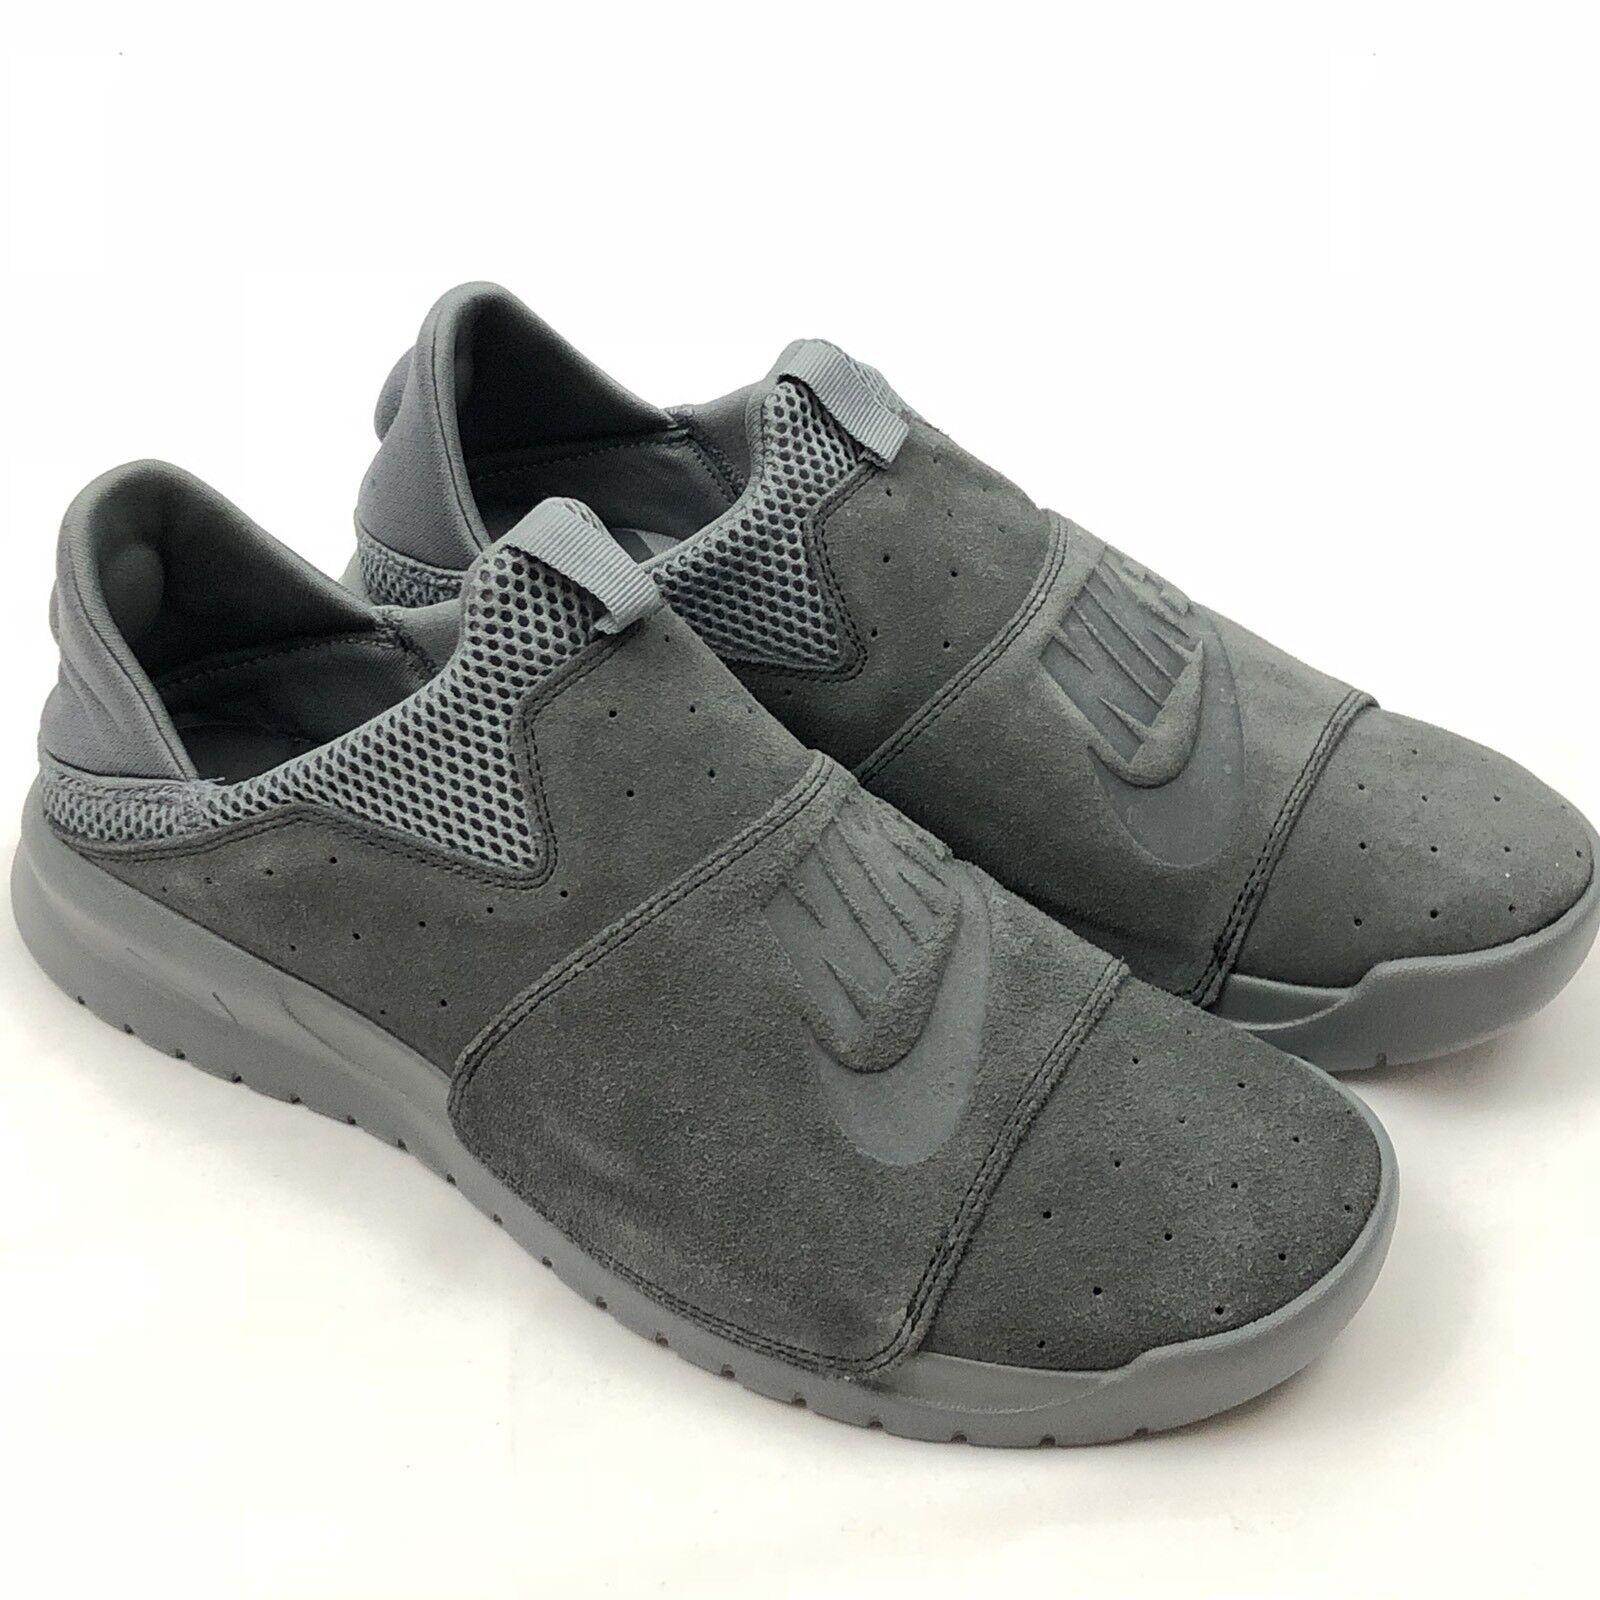 Nike benassi scivolare Uomo scarpe antracite / antracite 882410-004